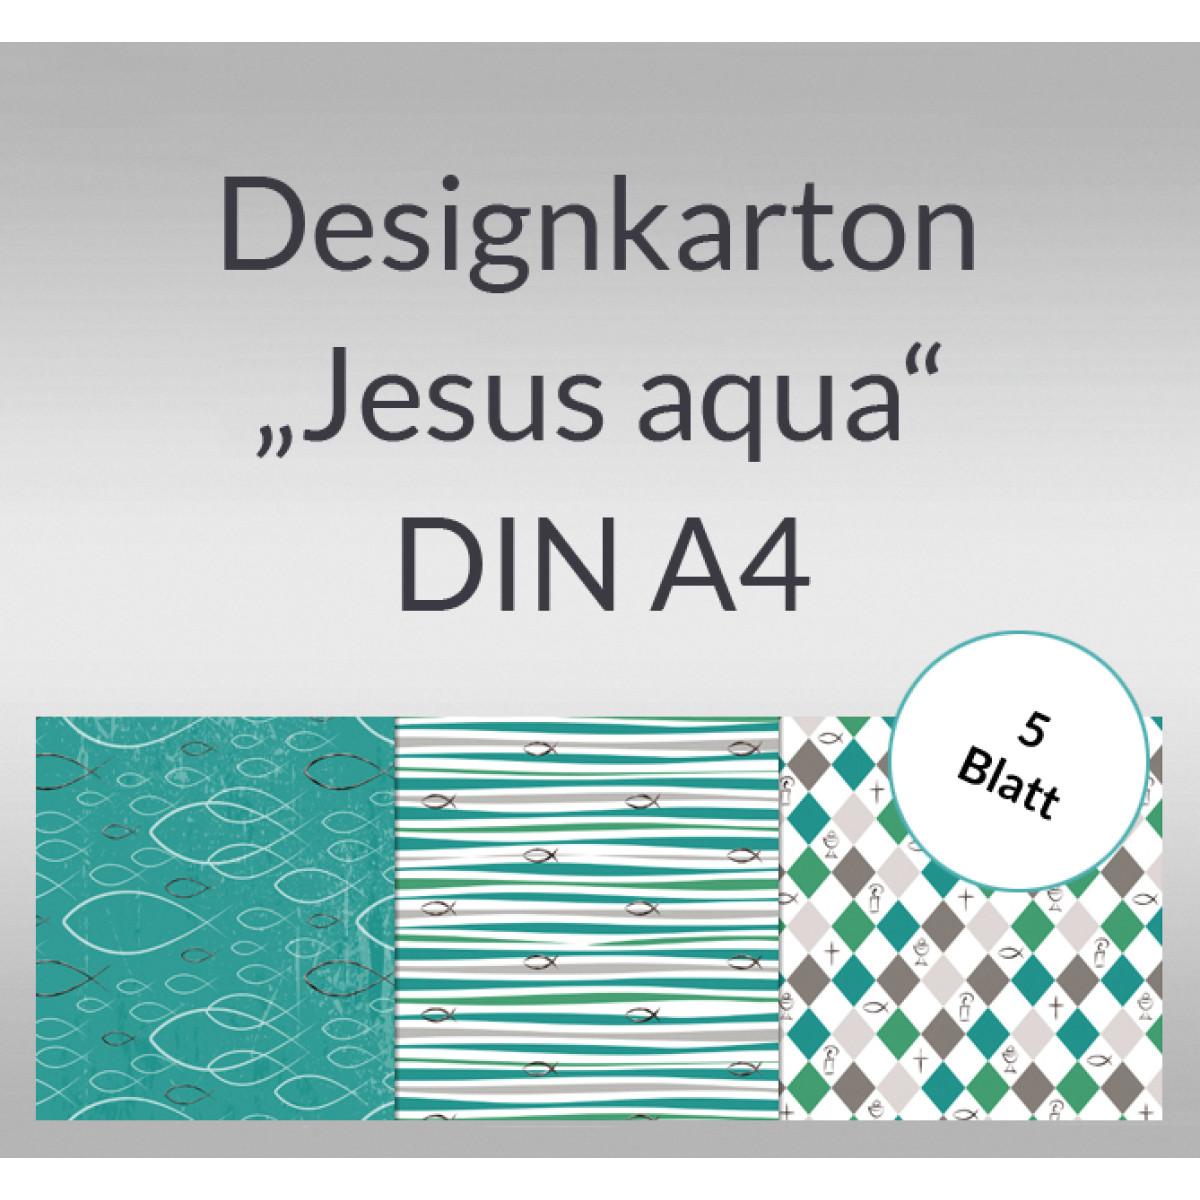 """Designkarton """"Jesus aqua"""" DIN A4 - 5 Blatt"""